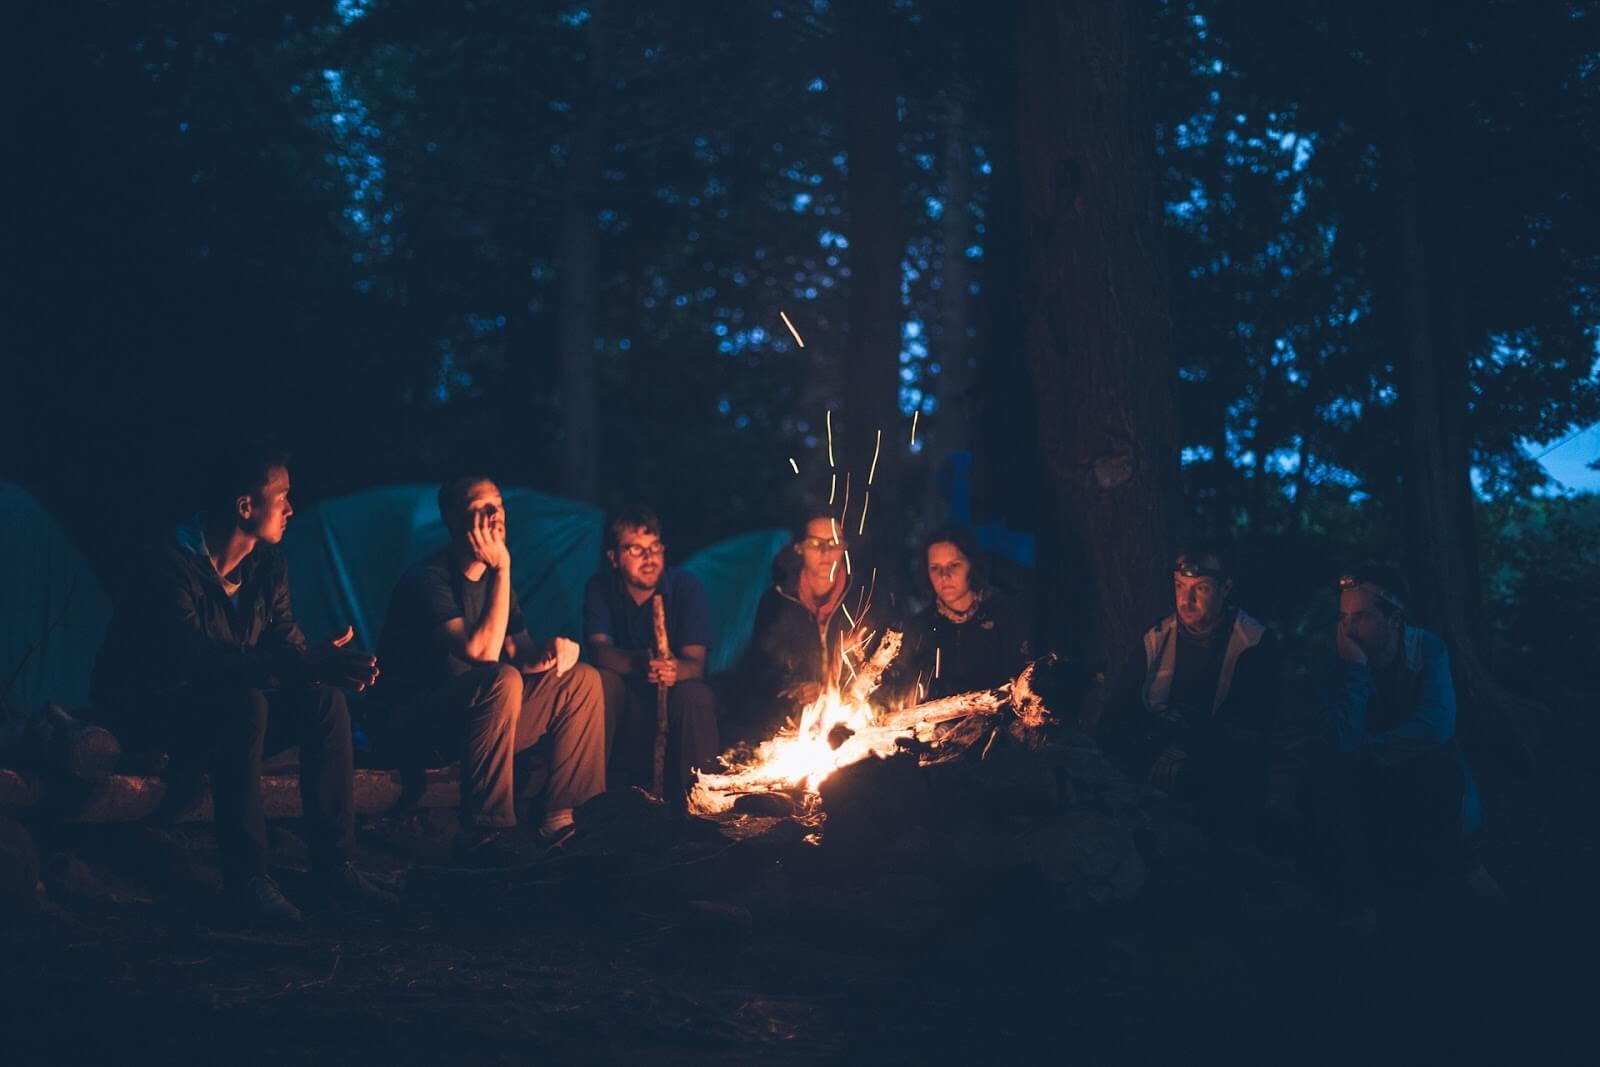 bonfire-1867275_1920 (1)